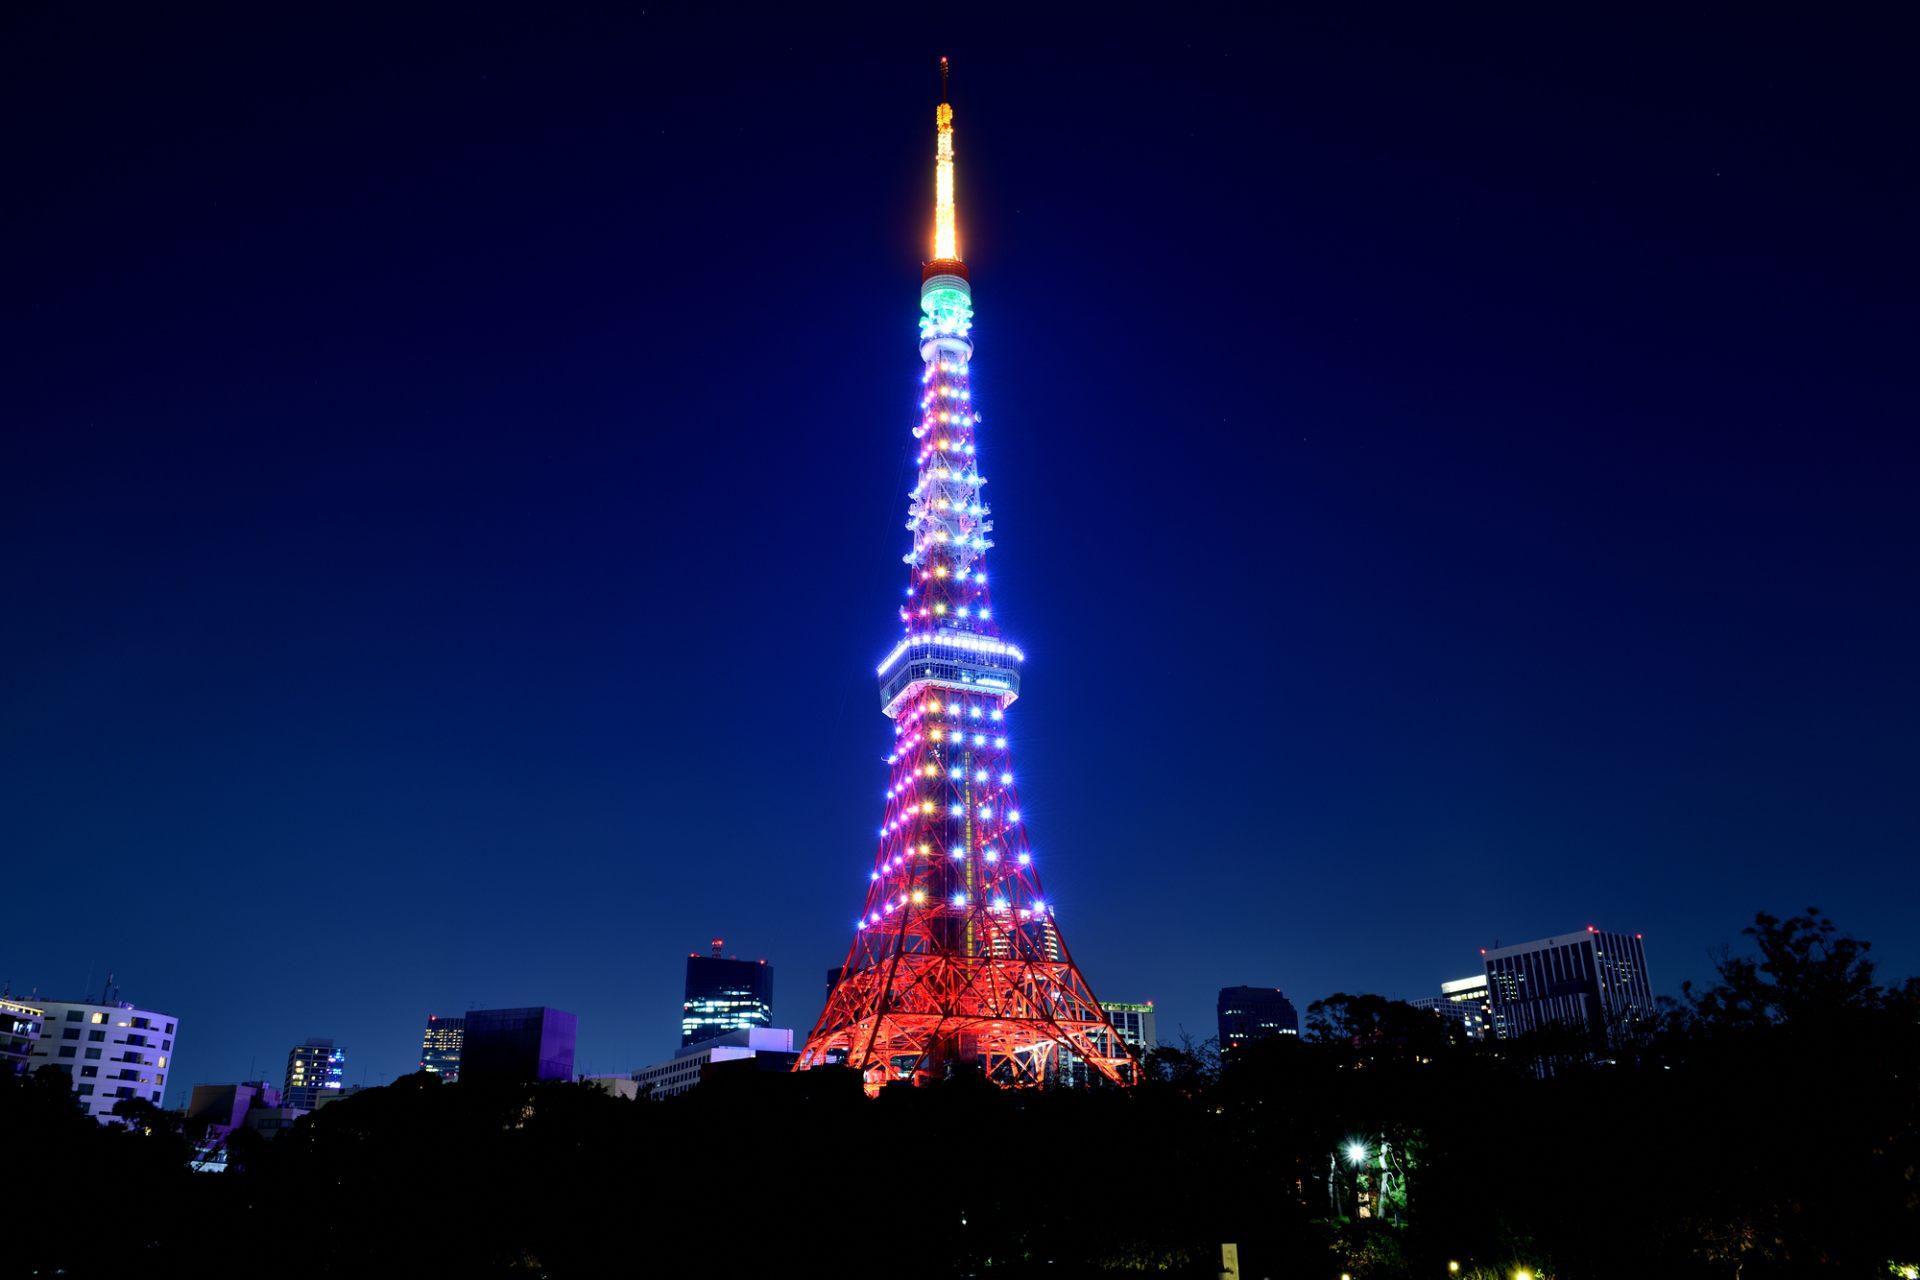 為紀念日本年號改為令和而開始實施的特別點燈:鑽石面紗